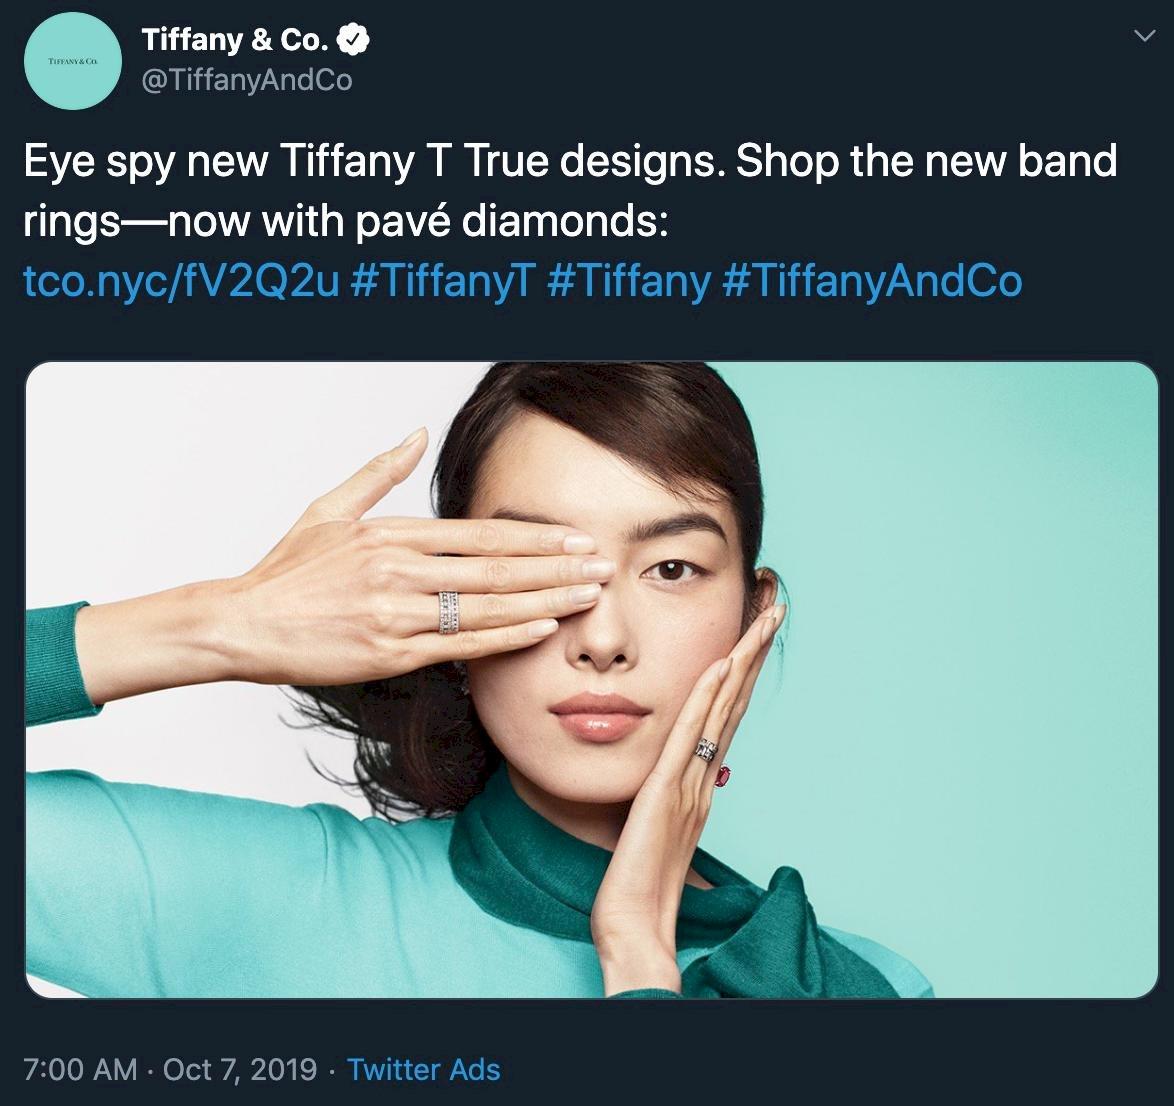 不敵中國網民怒轟 Tiffany遮眼廣告照急下架